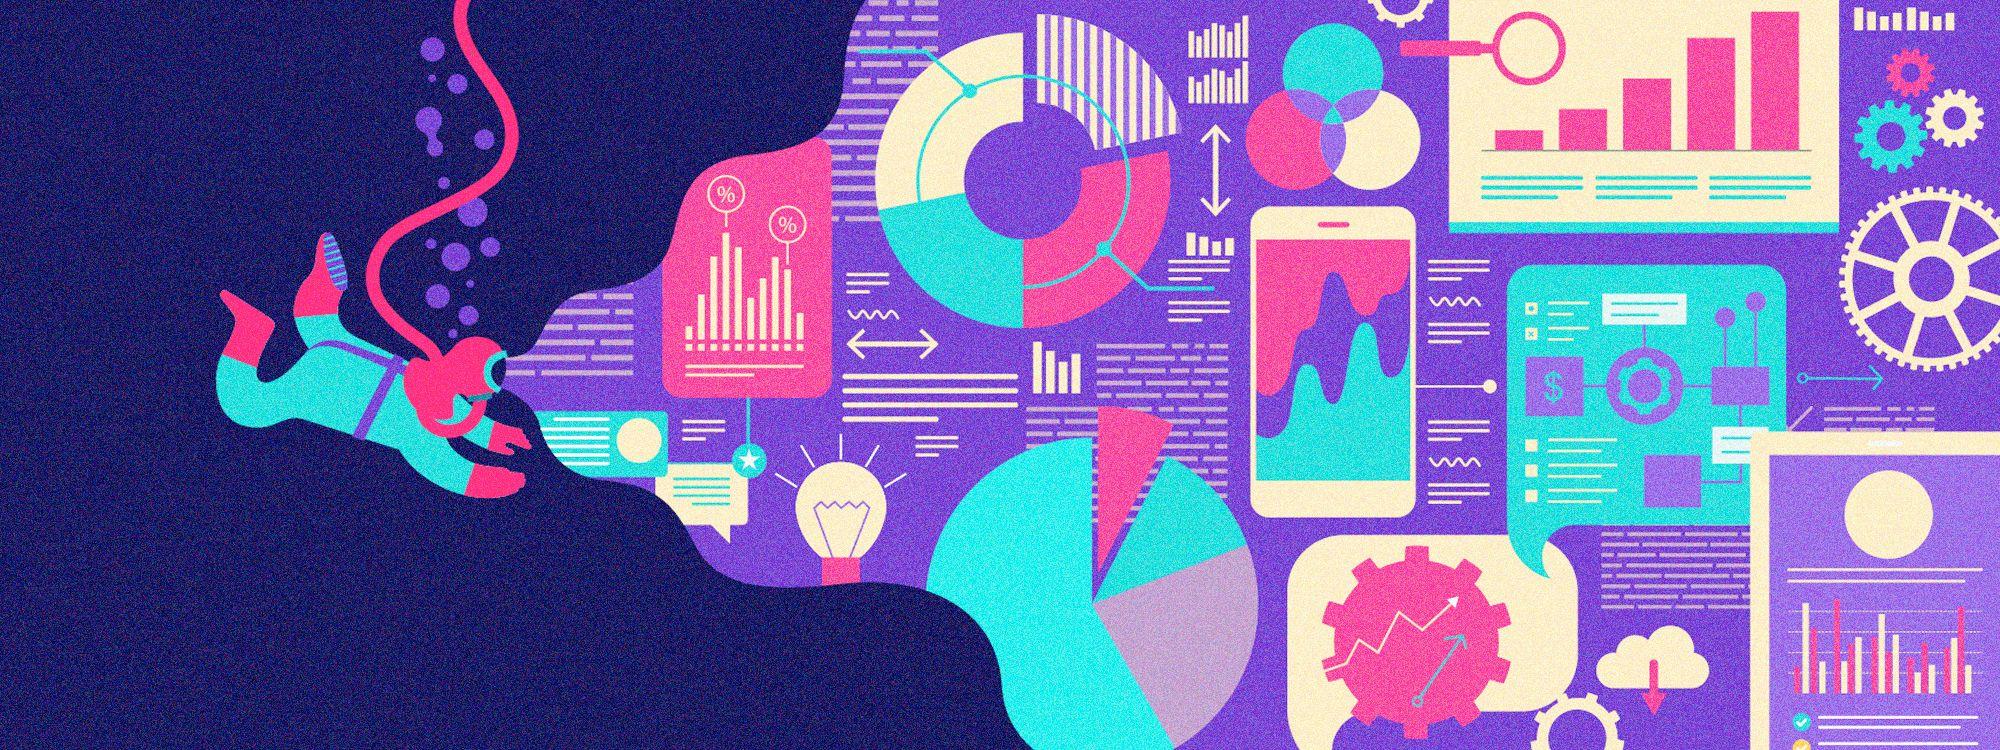 چگونه استراتژی بازاریابی موبایل خود را طراحی کنیم